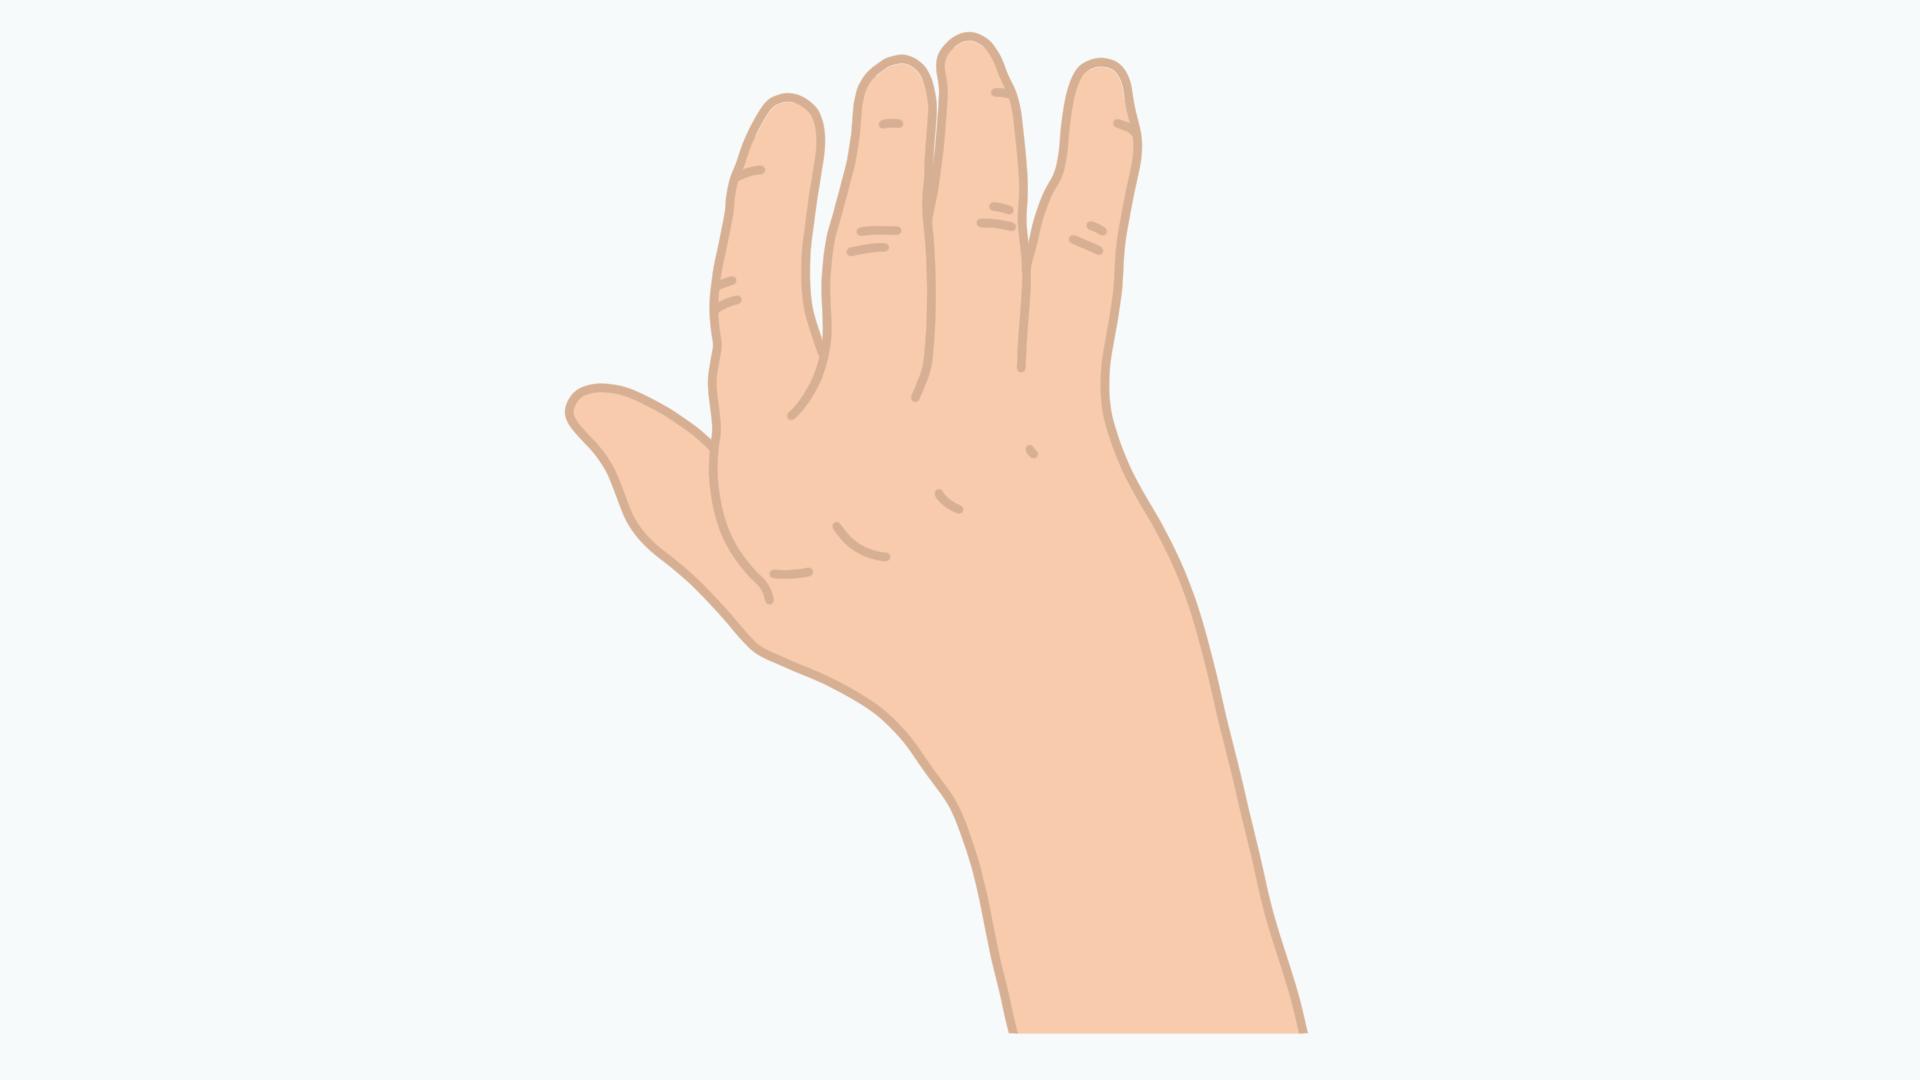 Arthrose im Handgelenk kann unter anderem zu einer Handskoliose führen